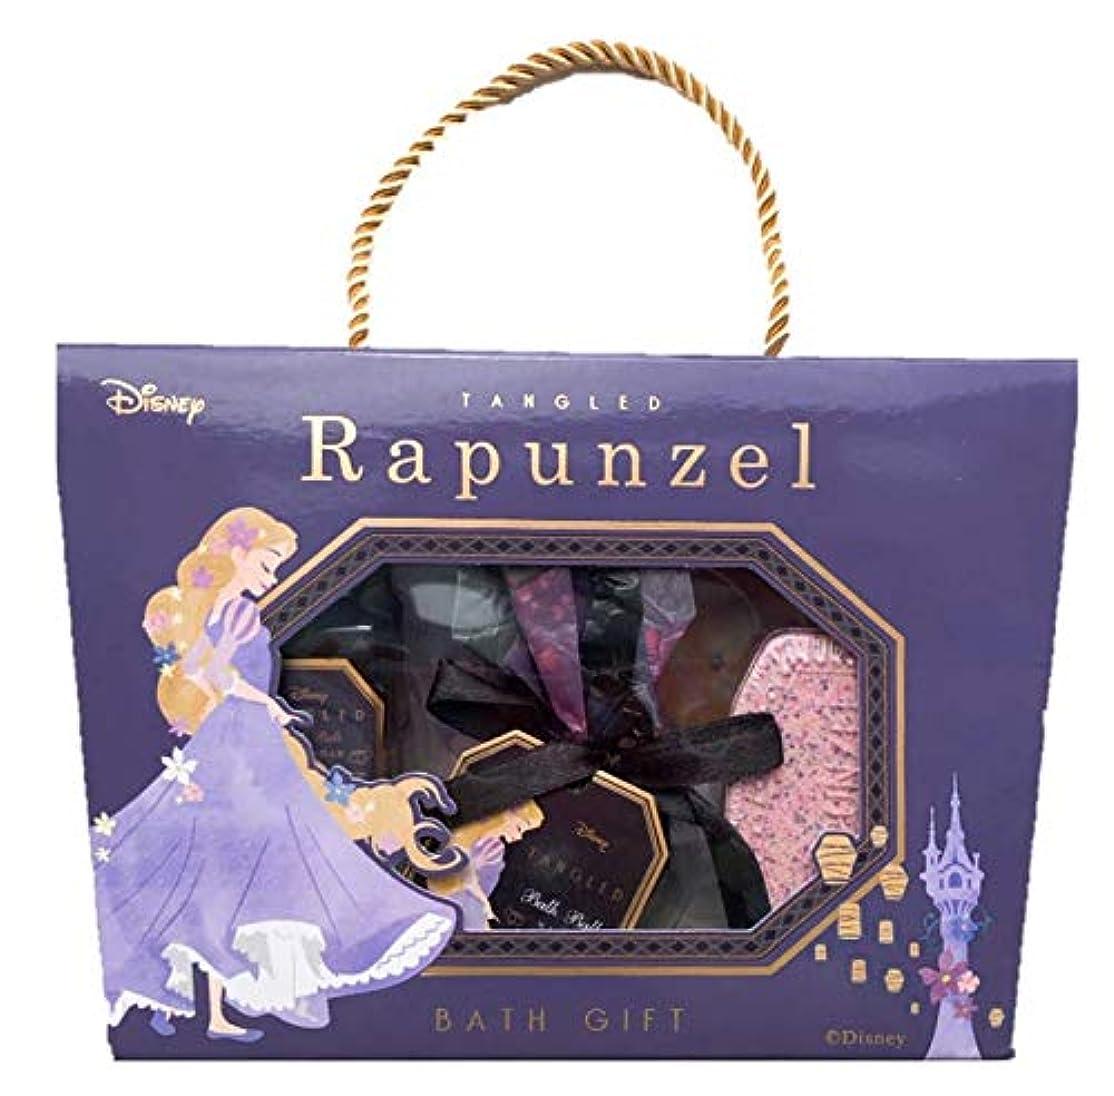 霊シャワー名声ディズニー(Disney)SHO-BI バスギフトM ギフトセット ラプンツェル ディズニープリンセス 塔の上のラプンツェル 入浴剤 ギフト バスギフトセット プレゼント 大人 女の子 かわいい Rapunzel